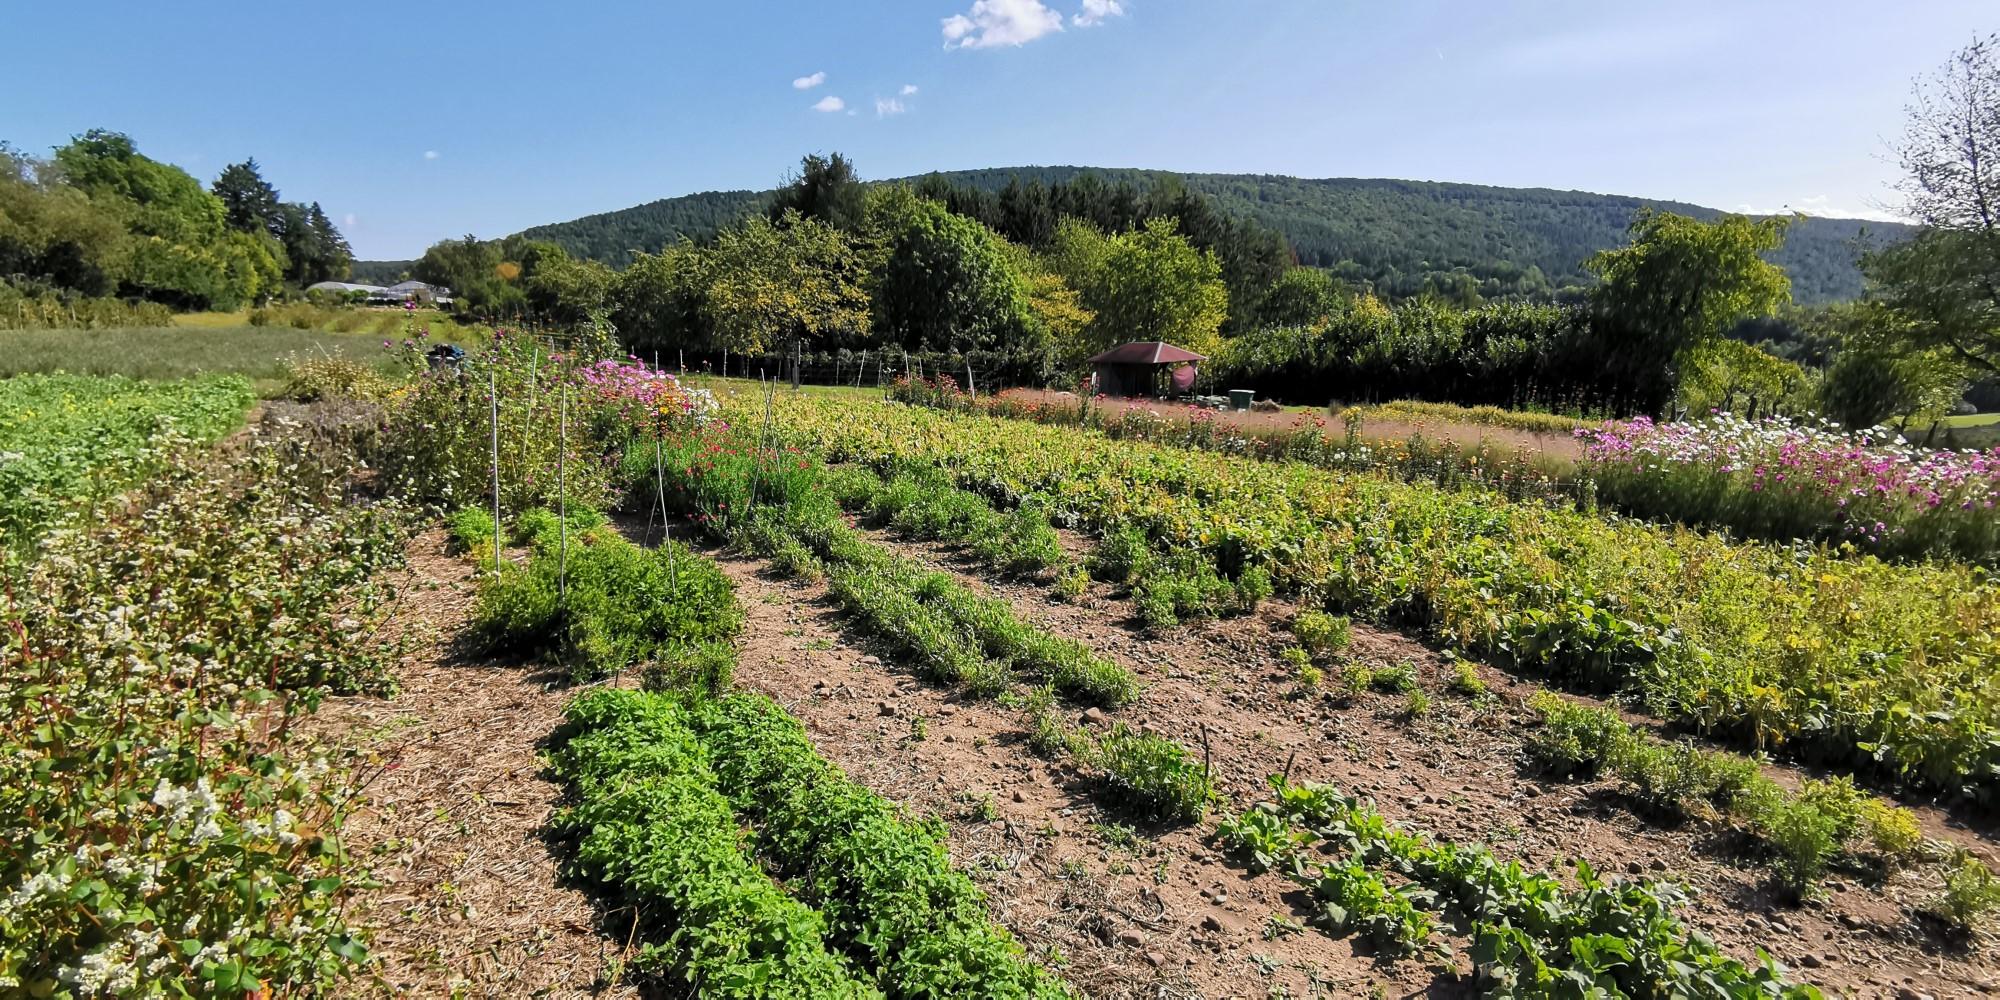 bio-Anbau Kräuter und Gewürze